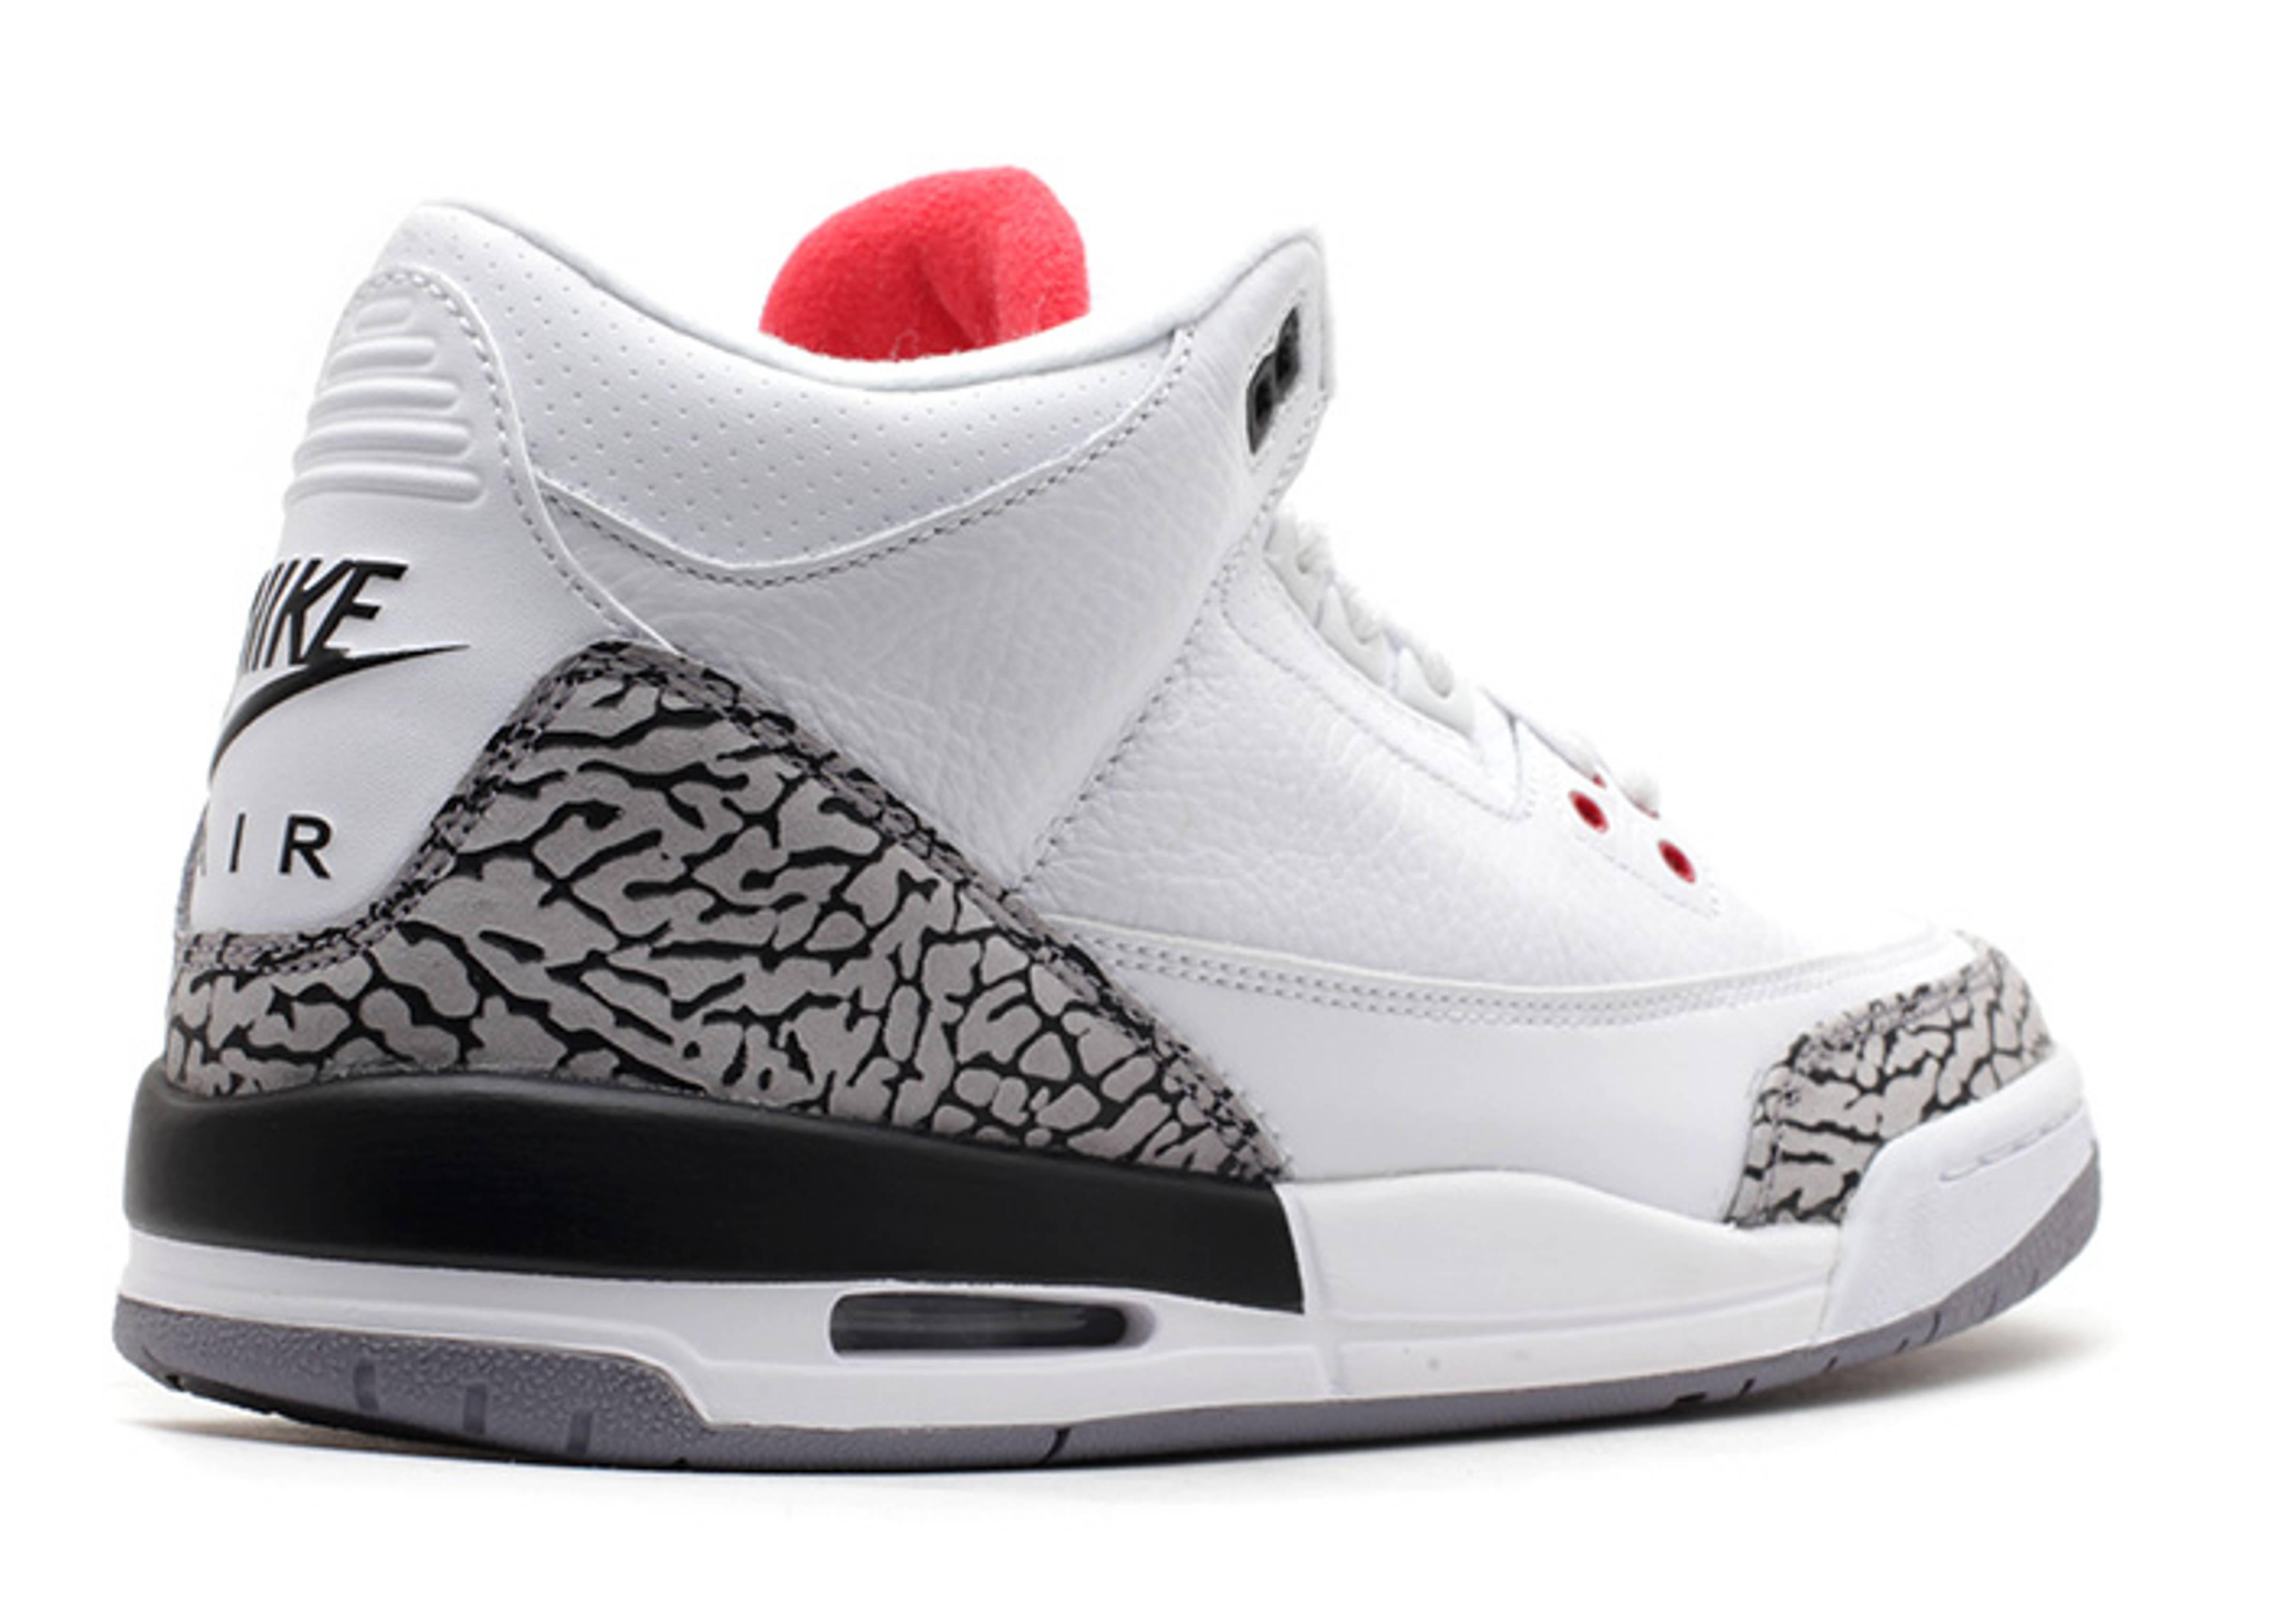 Jordan 3s Cement Gray : Air jordan retro gs